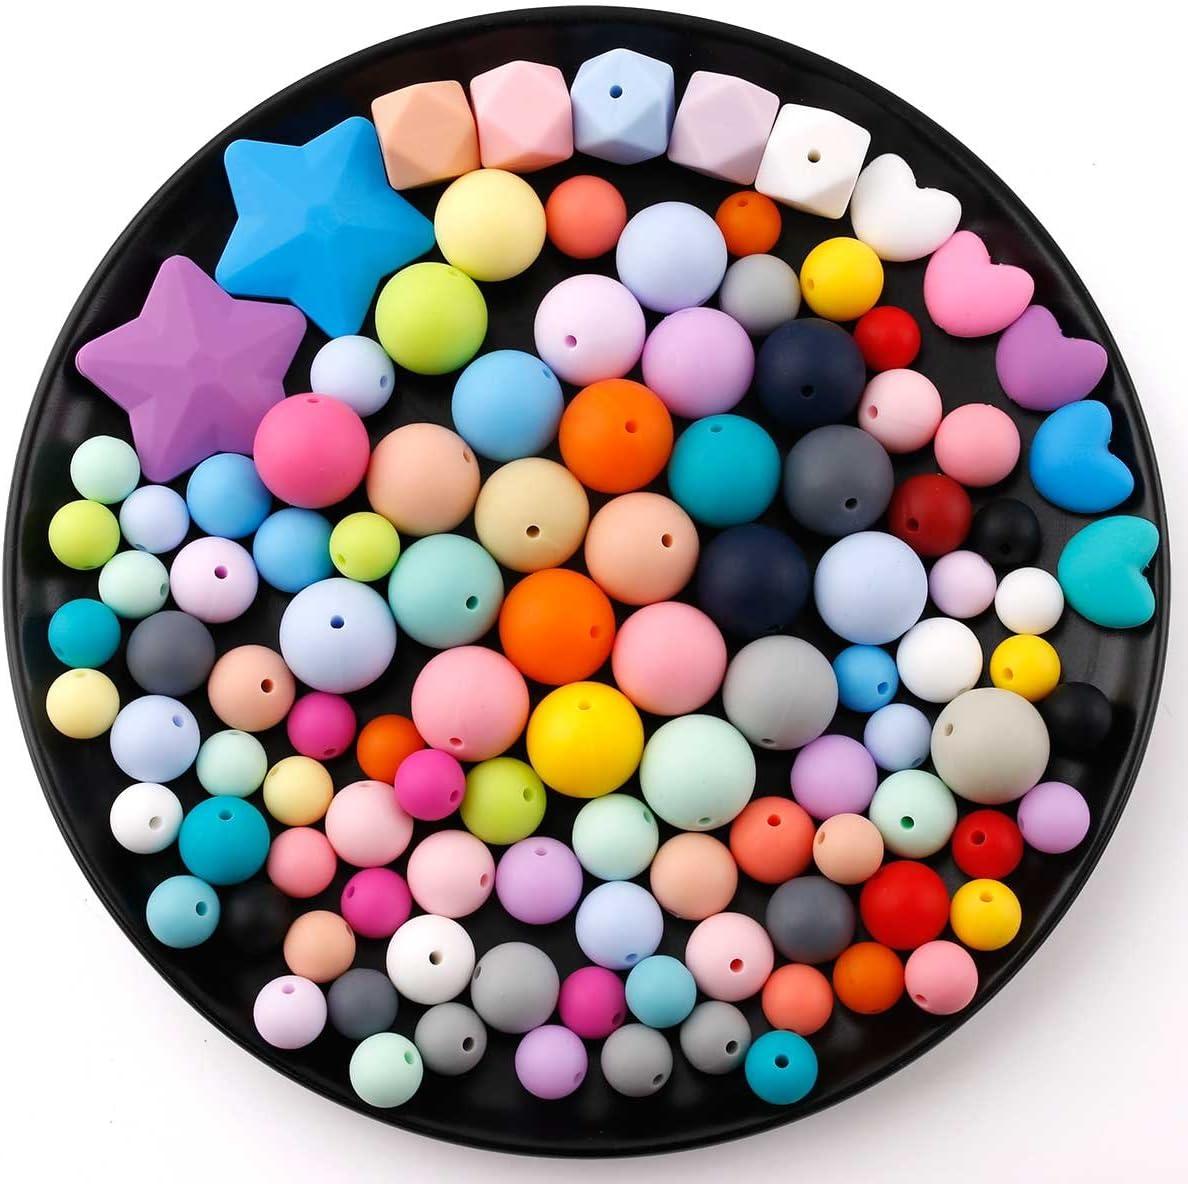 baby tete Perles de dentition en Silicone Rond /à Croquer 200pcs Bracelet de Bricolage Composants de Bijoux de Cha/îne de Sucette de B/éb/é Bouteille Sans BPA Noir et Blanc 12-20mm